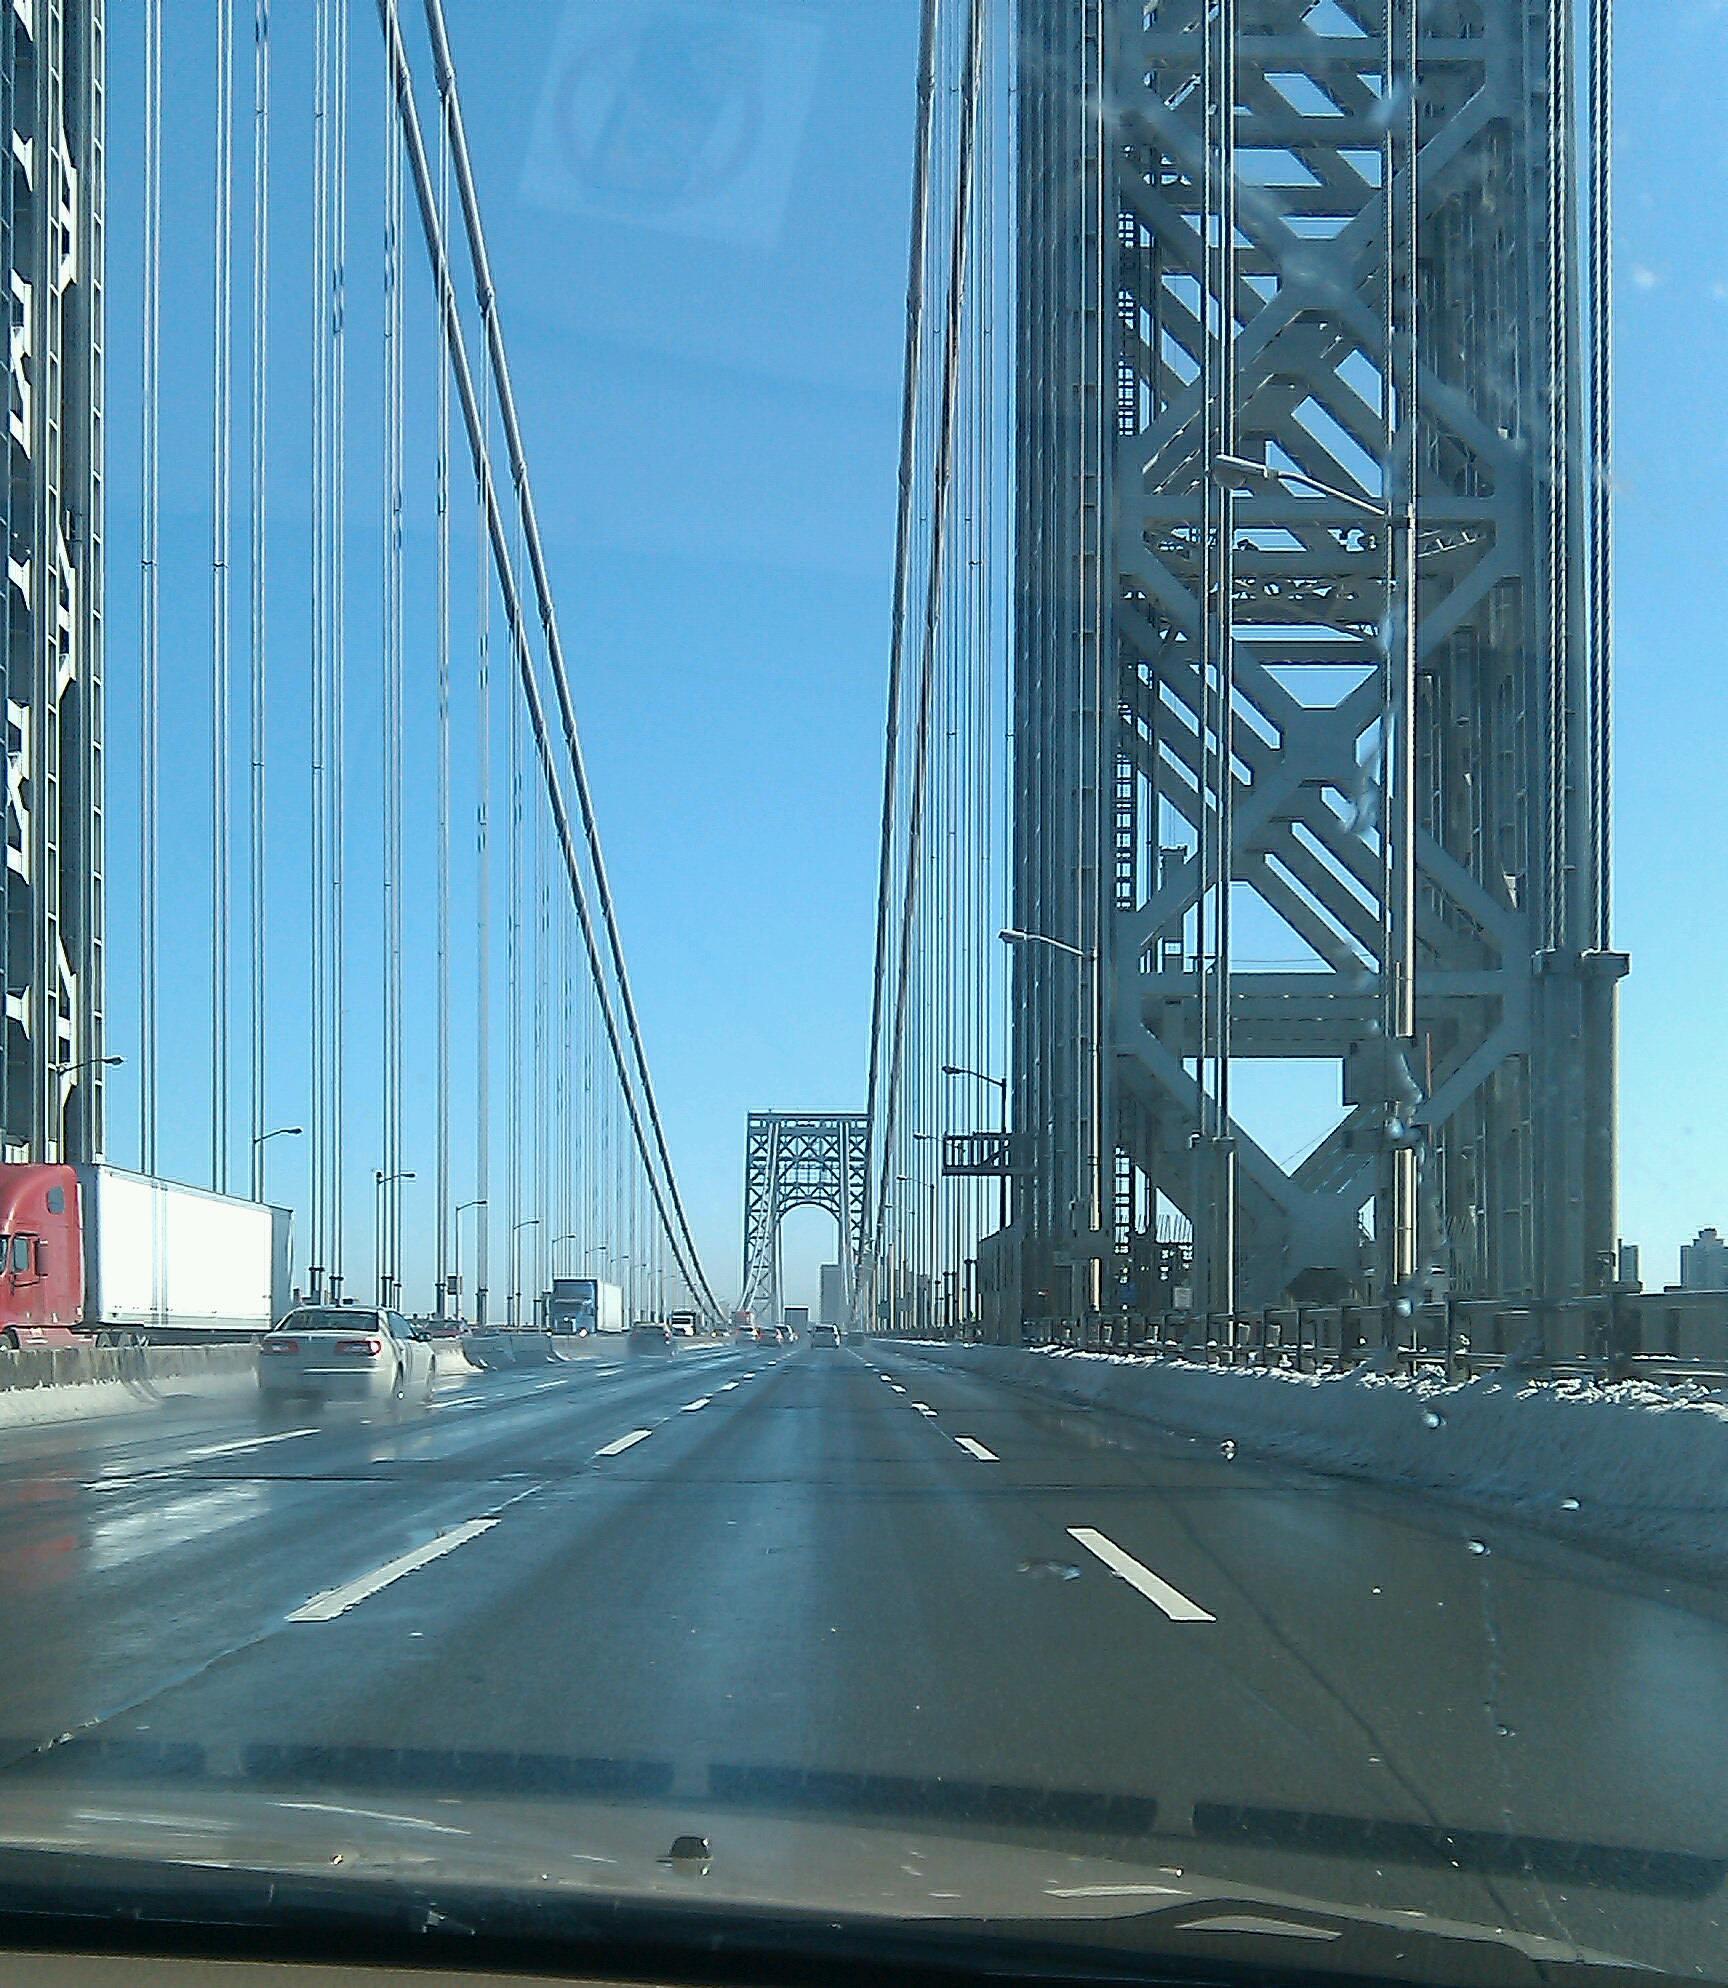 ニューヨークからニュージャージーへ